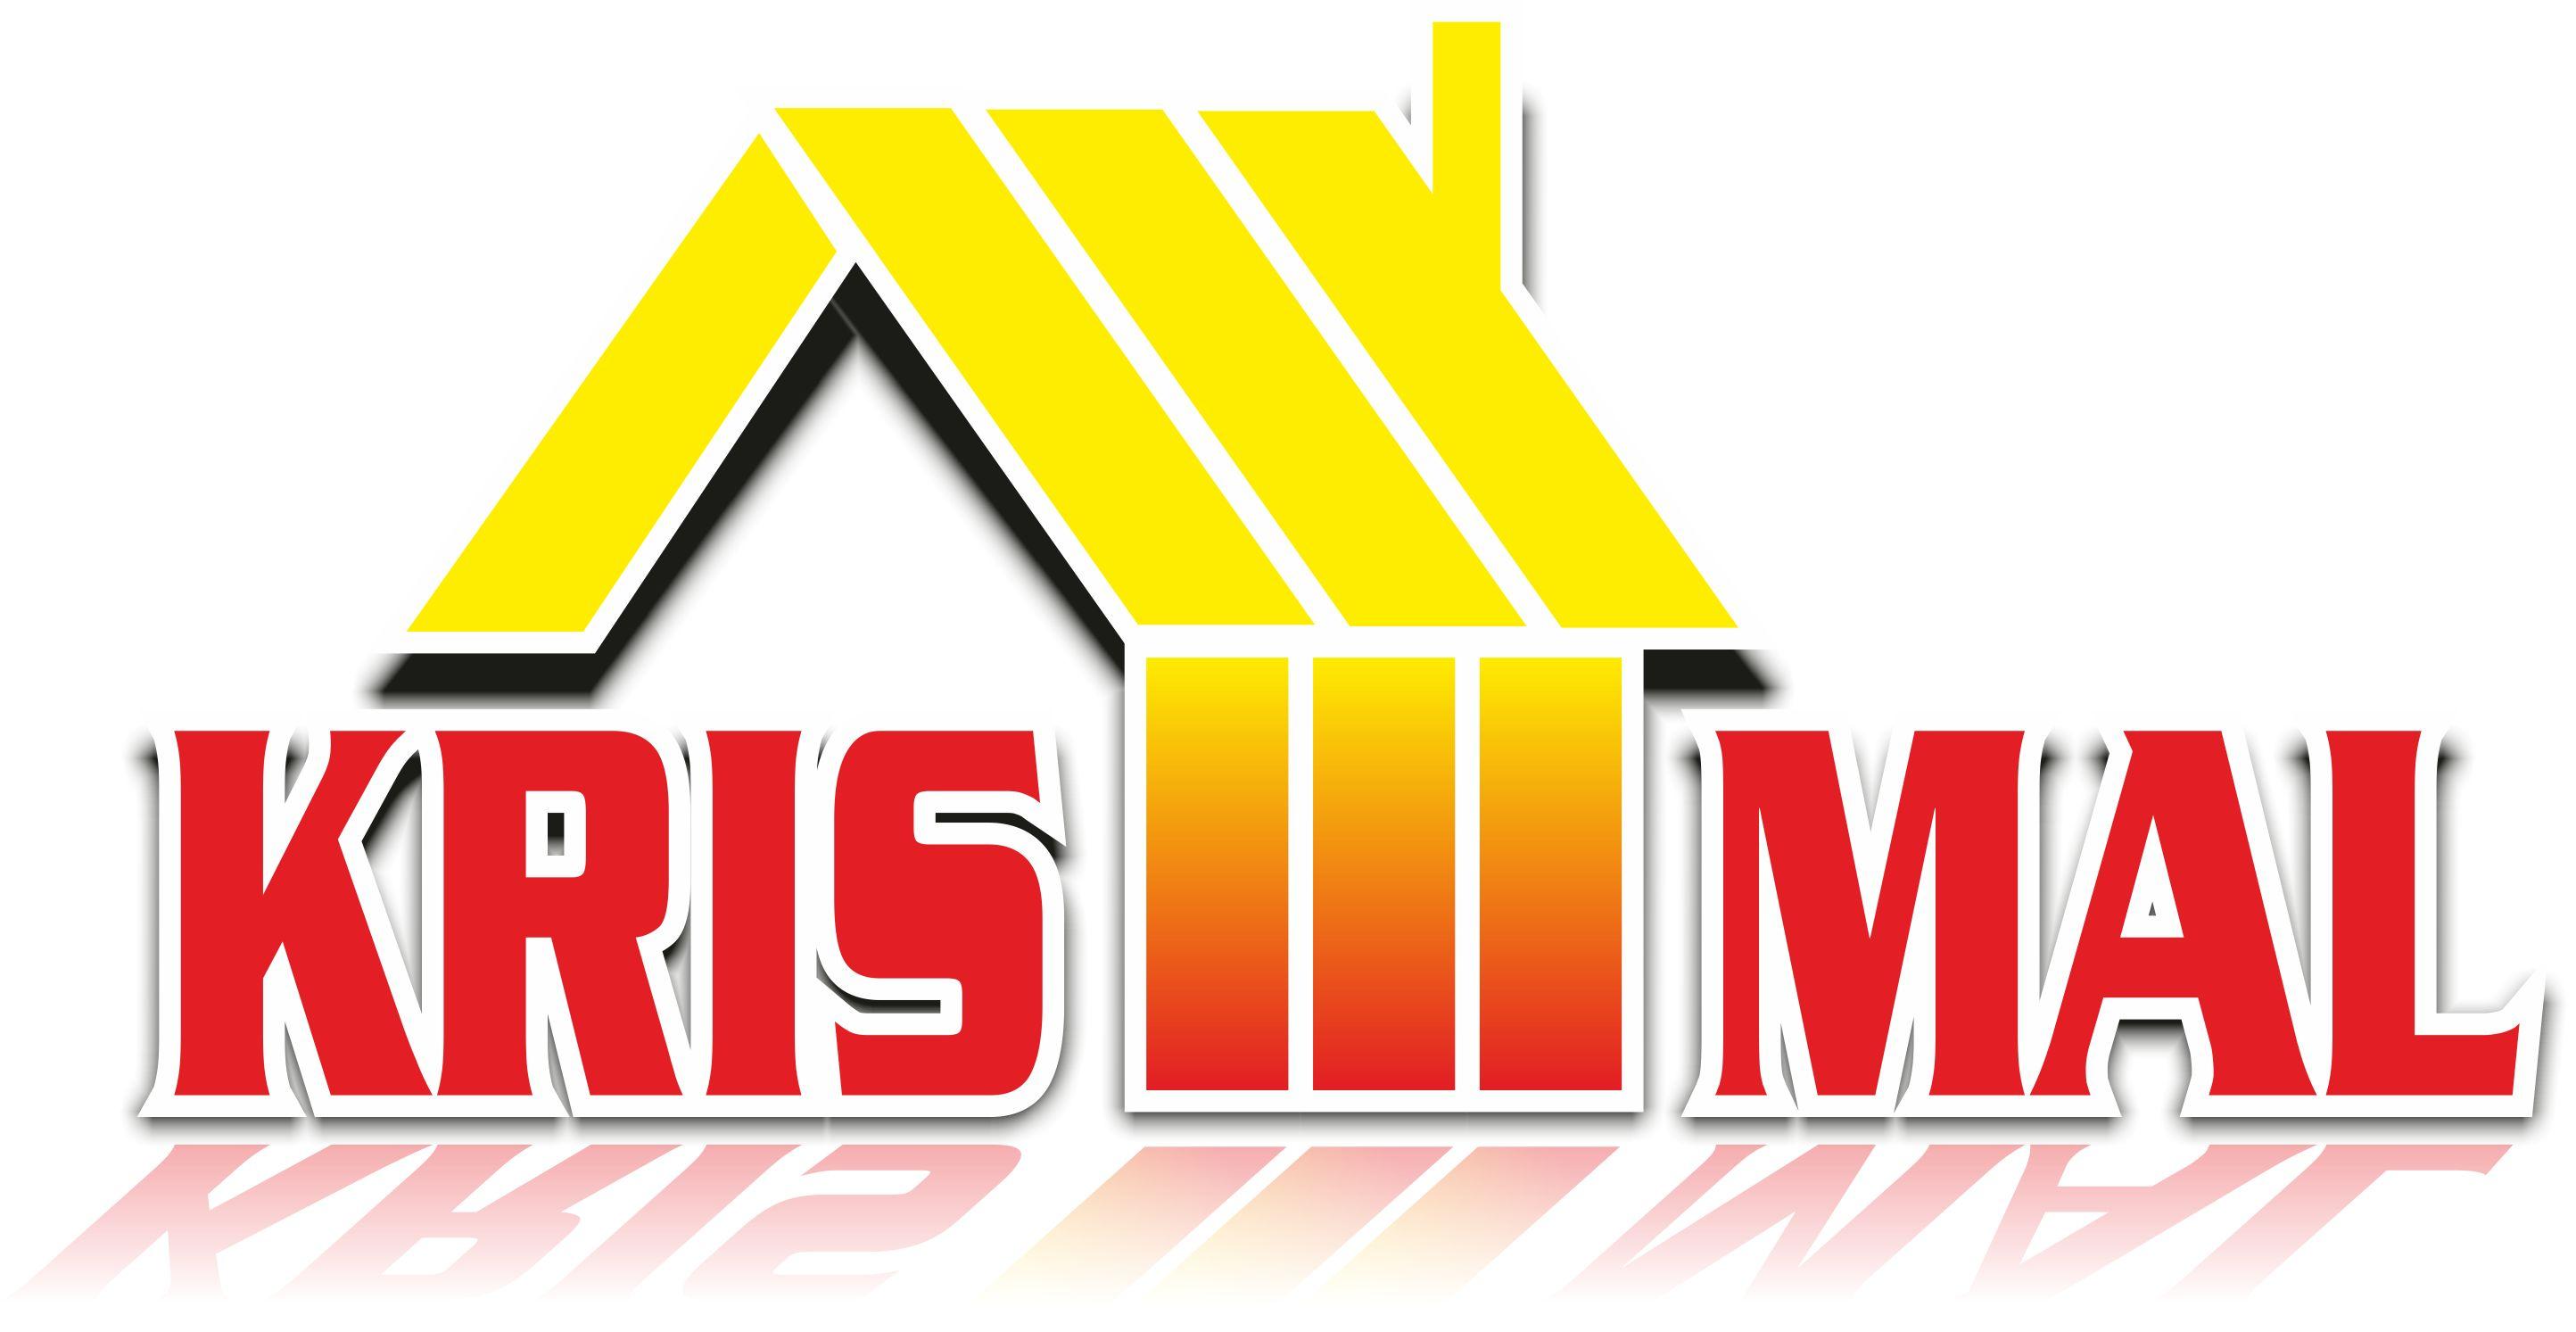 KRIS-MAL